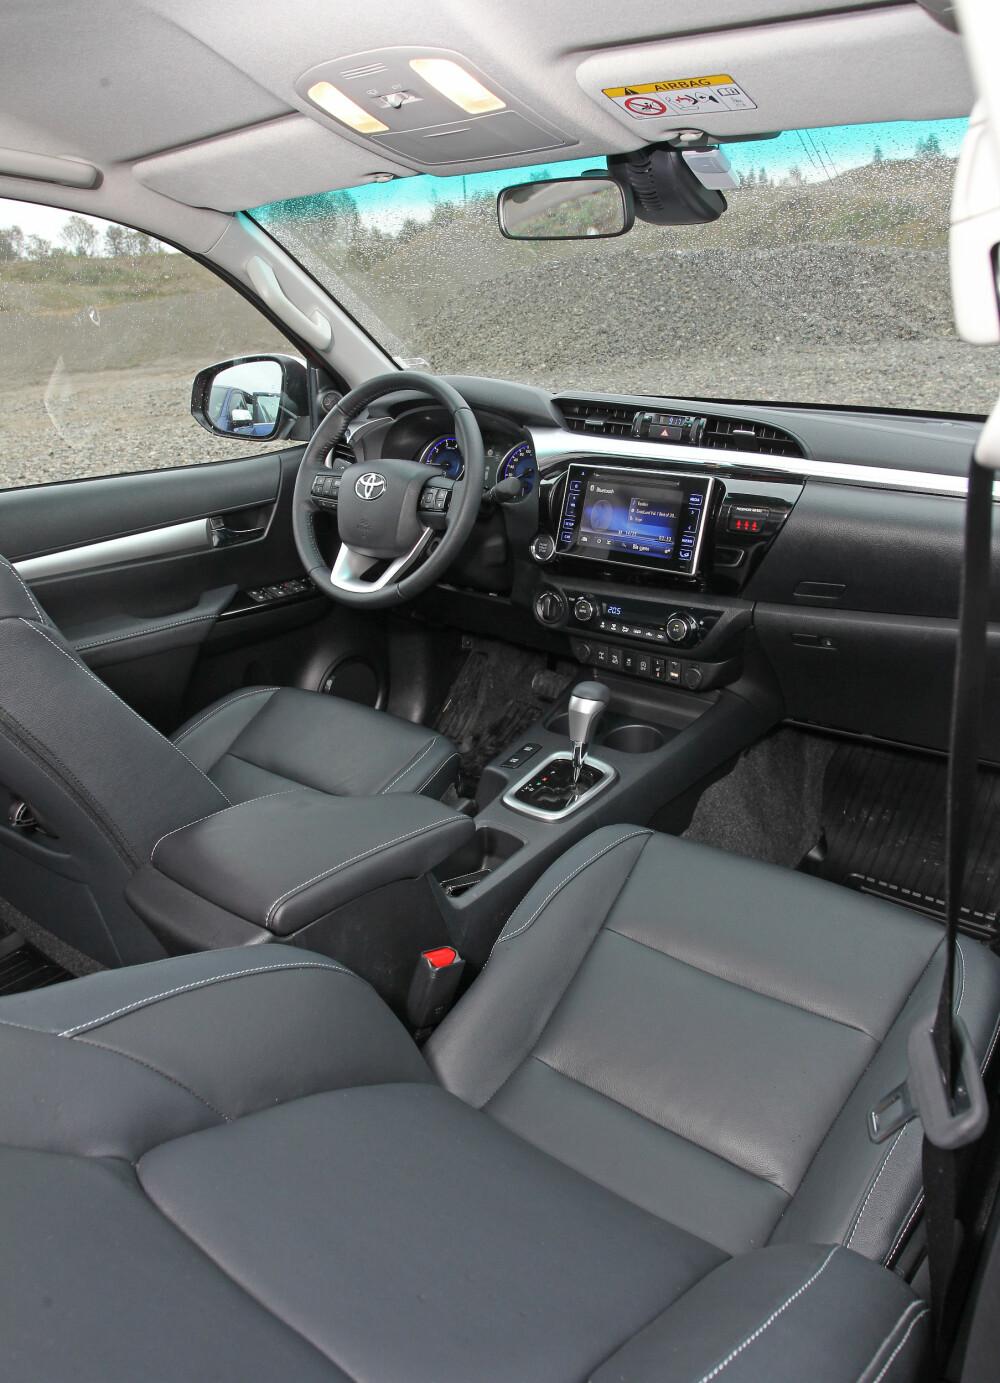 KAN JUSTERES: Hilux er den eneste av testbilene med lengdejusterbart ratt. Det gjør at de fleste kan finne en god sittestilling. Hilux har også den blankeste og fineste skjermen på dashbordet i trekløveret.